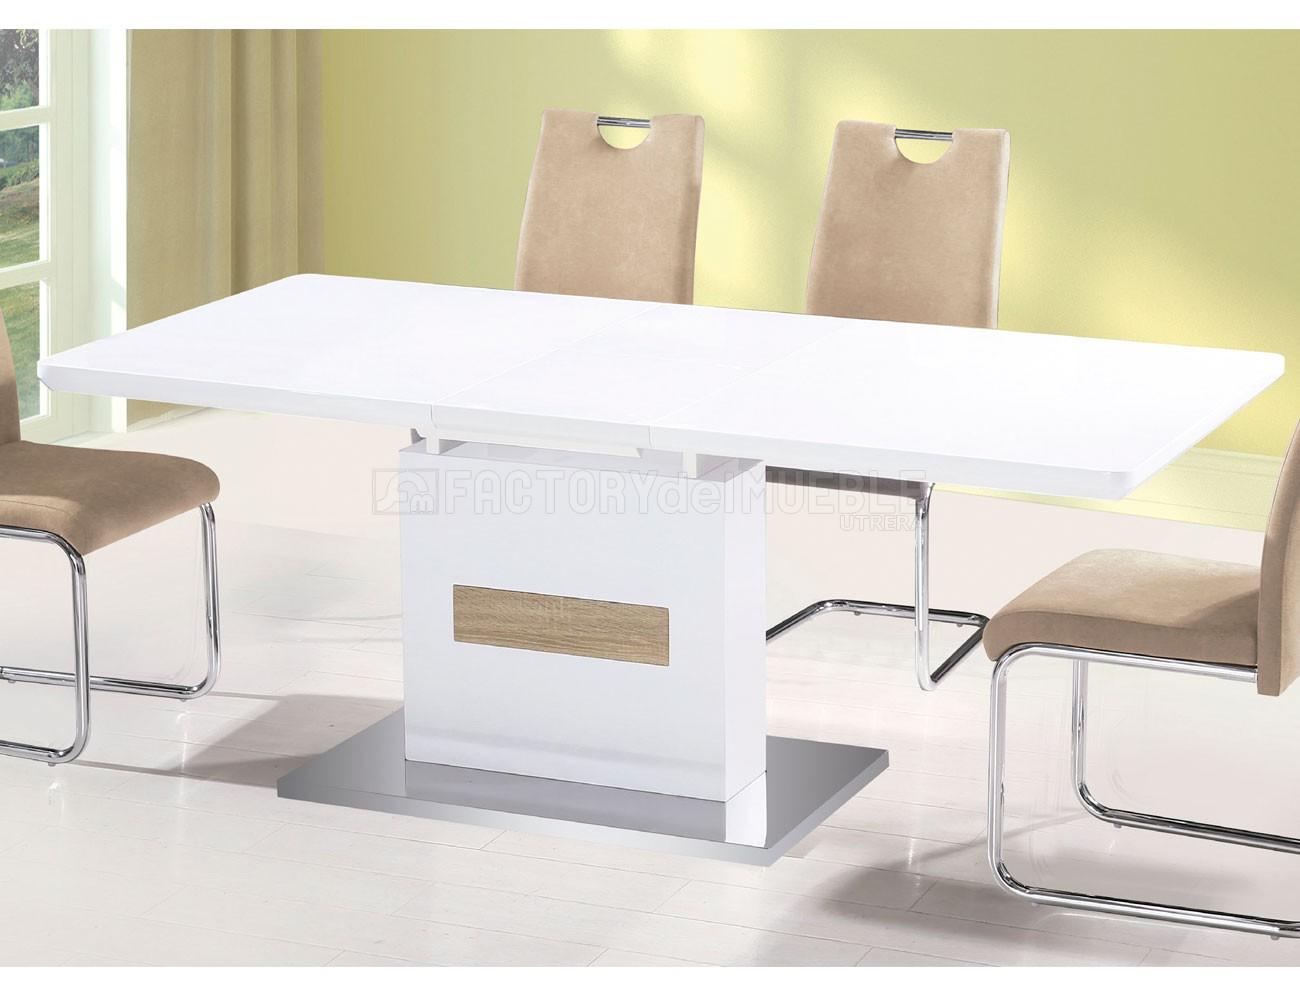 Mesa comedor extensible en blanco lacado con cambrian y base acero inoxidable 21649 factory - Mesa comedor blanca extensible ...